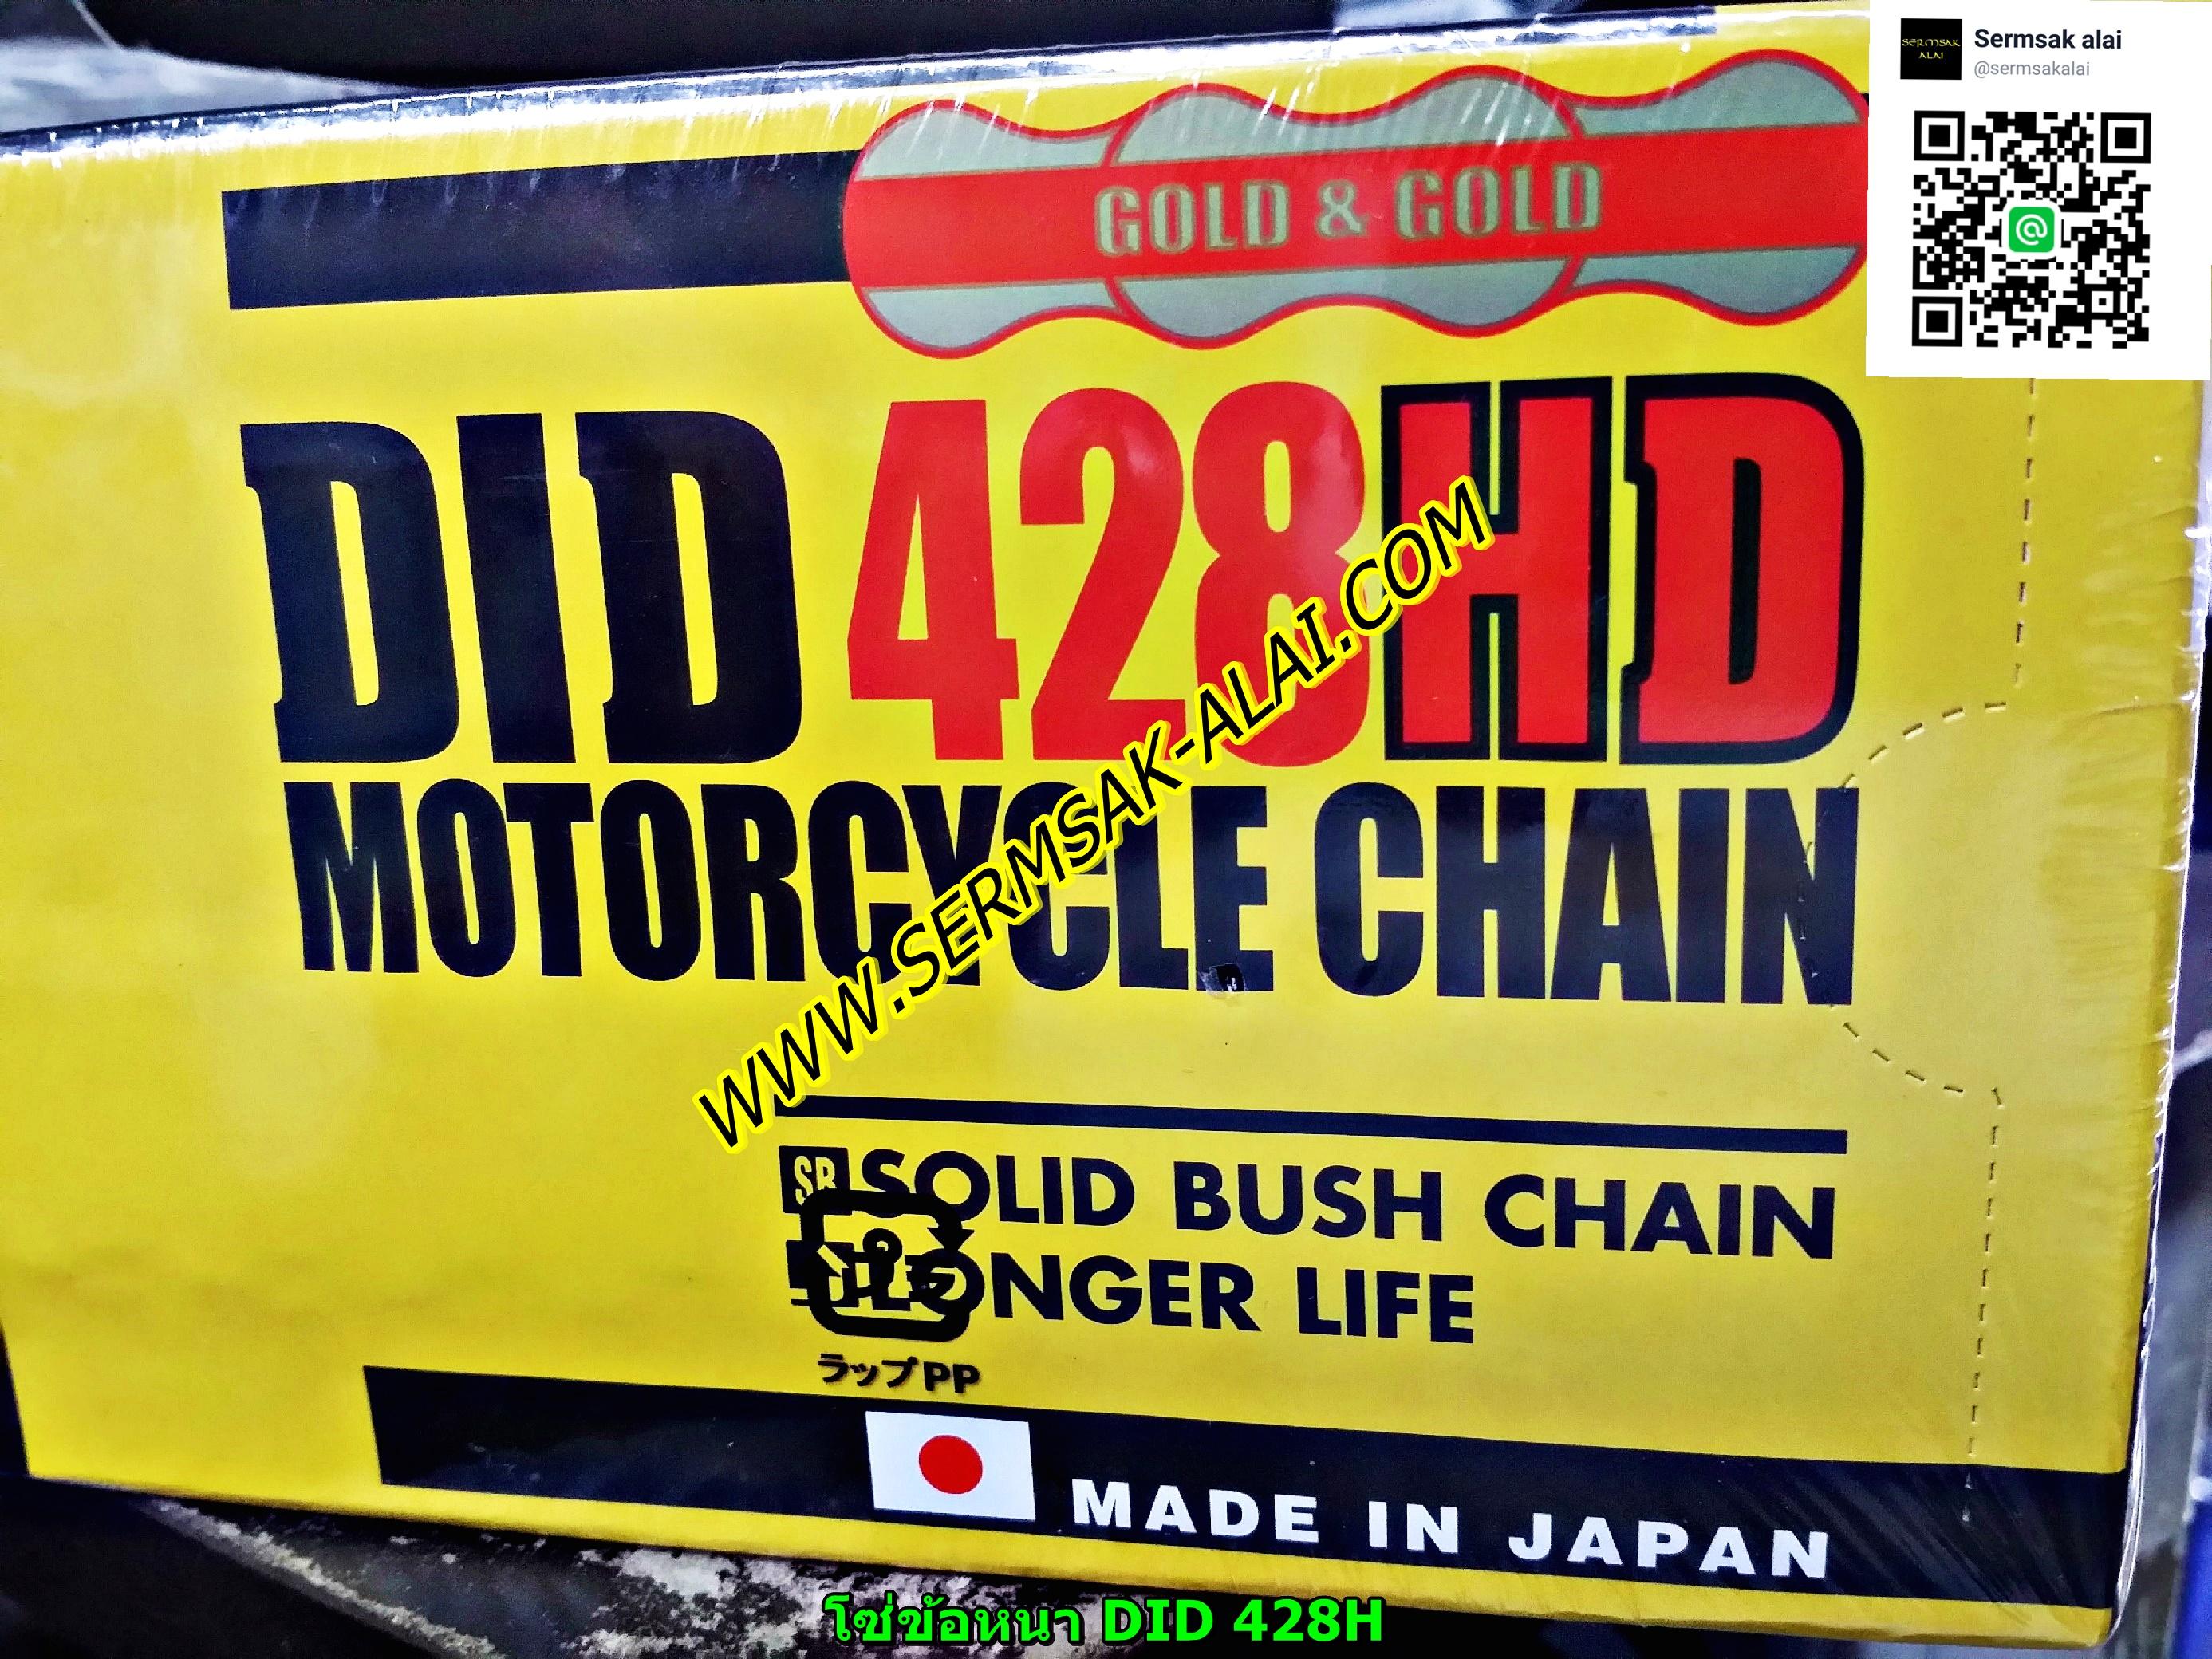 โซ่ โซ่ล้อ โซ่ข้อหนา 428 H 132L DID สีทอง chain made in japan โซ่มอเตอร์ไซด์